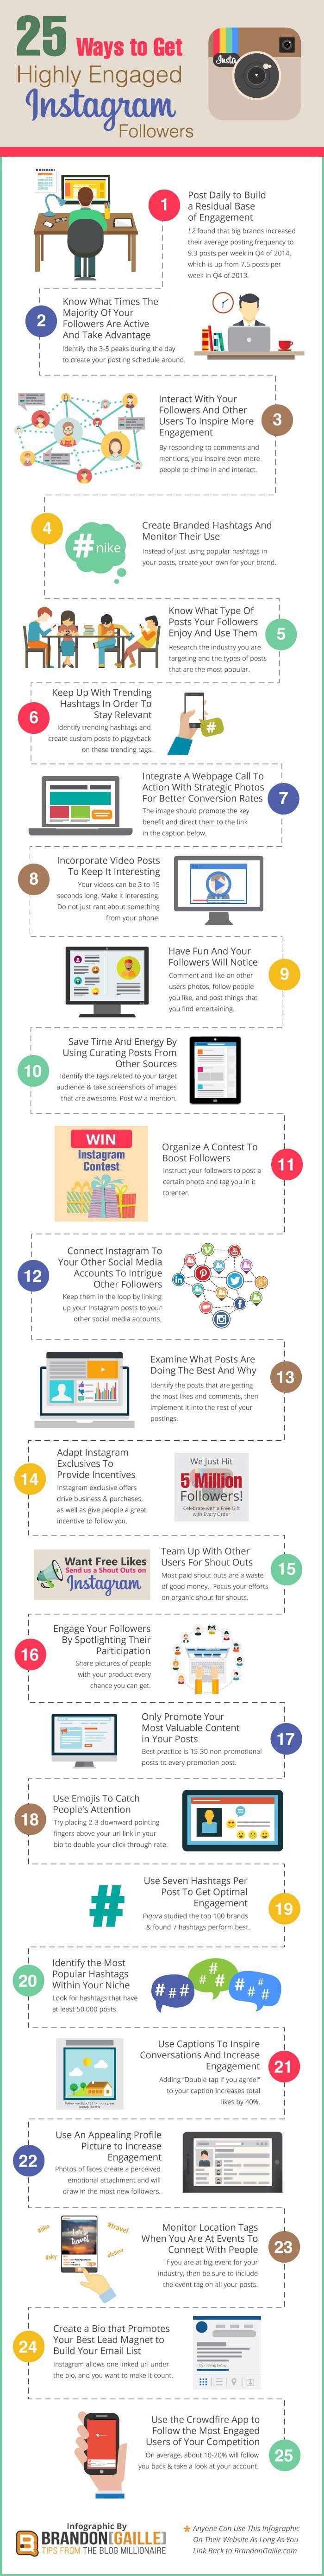 25 Ways To Get Instagram Followers - Infographic #socialmediamarketingtips